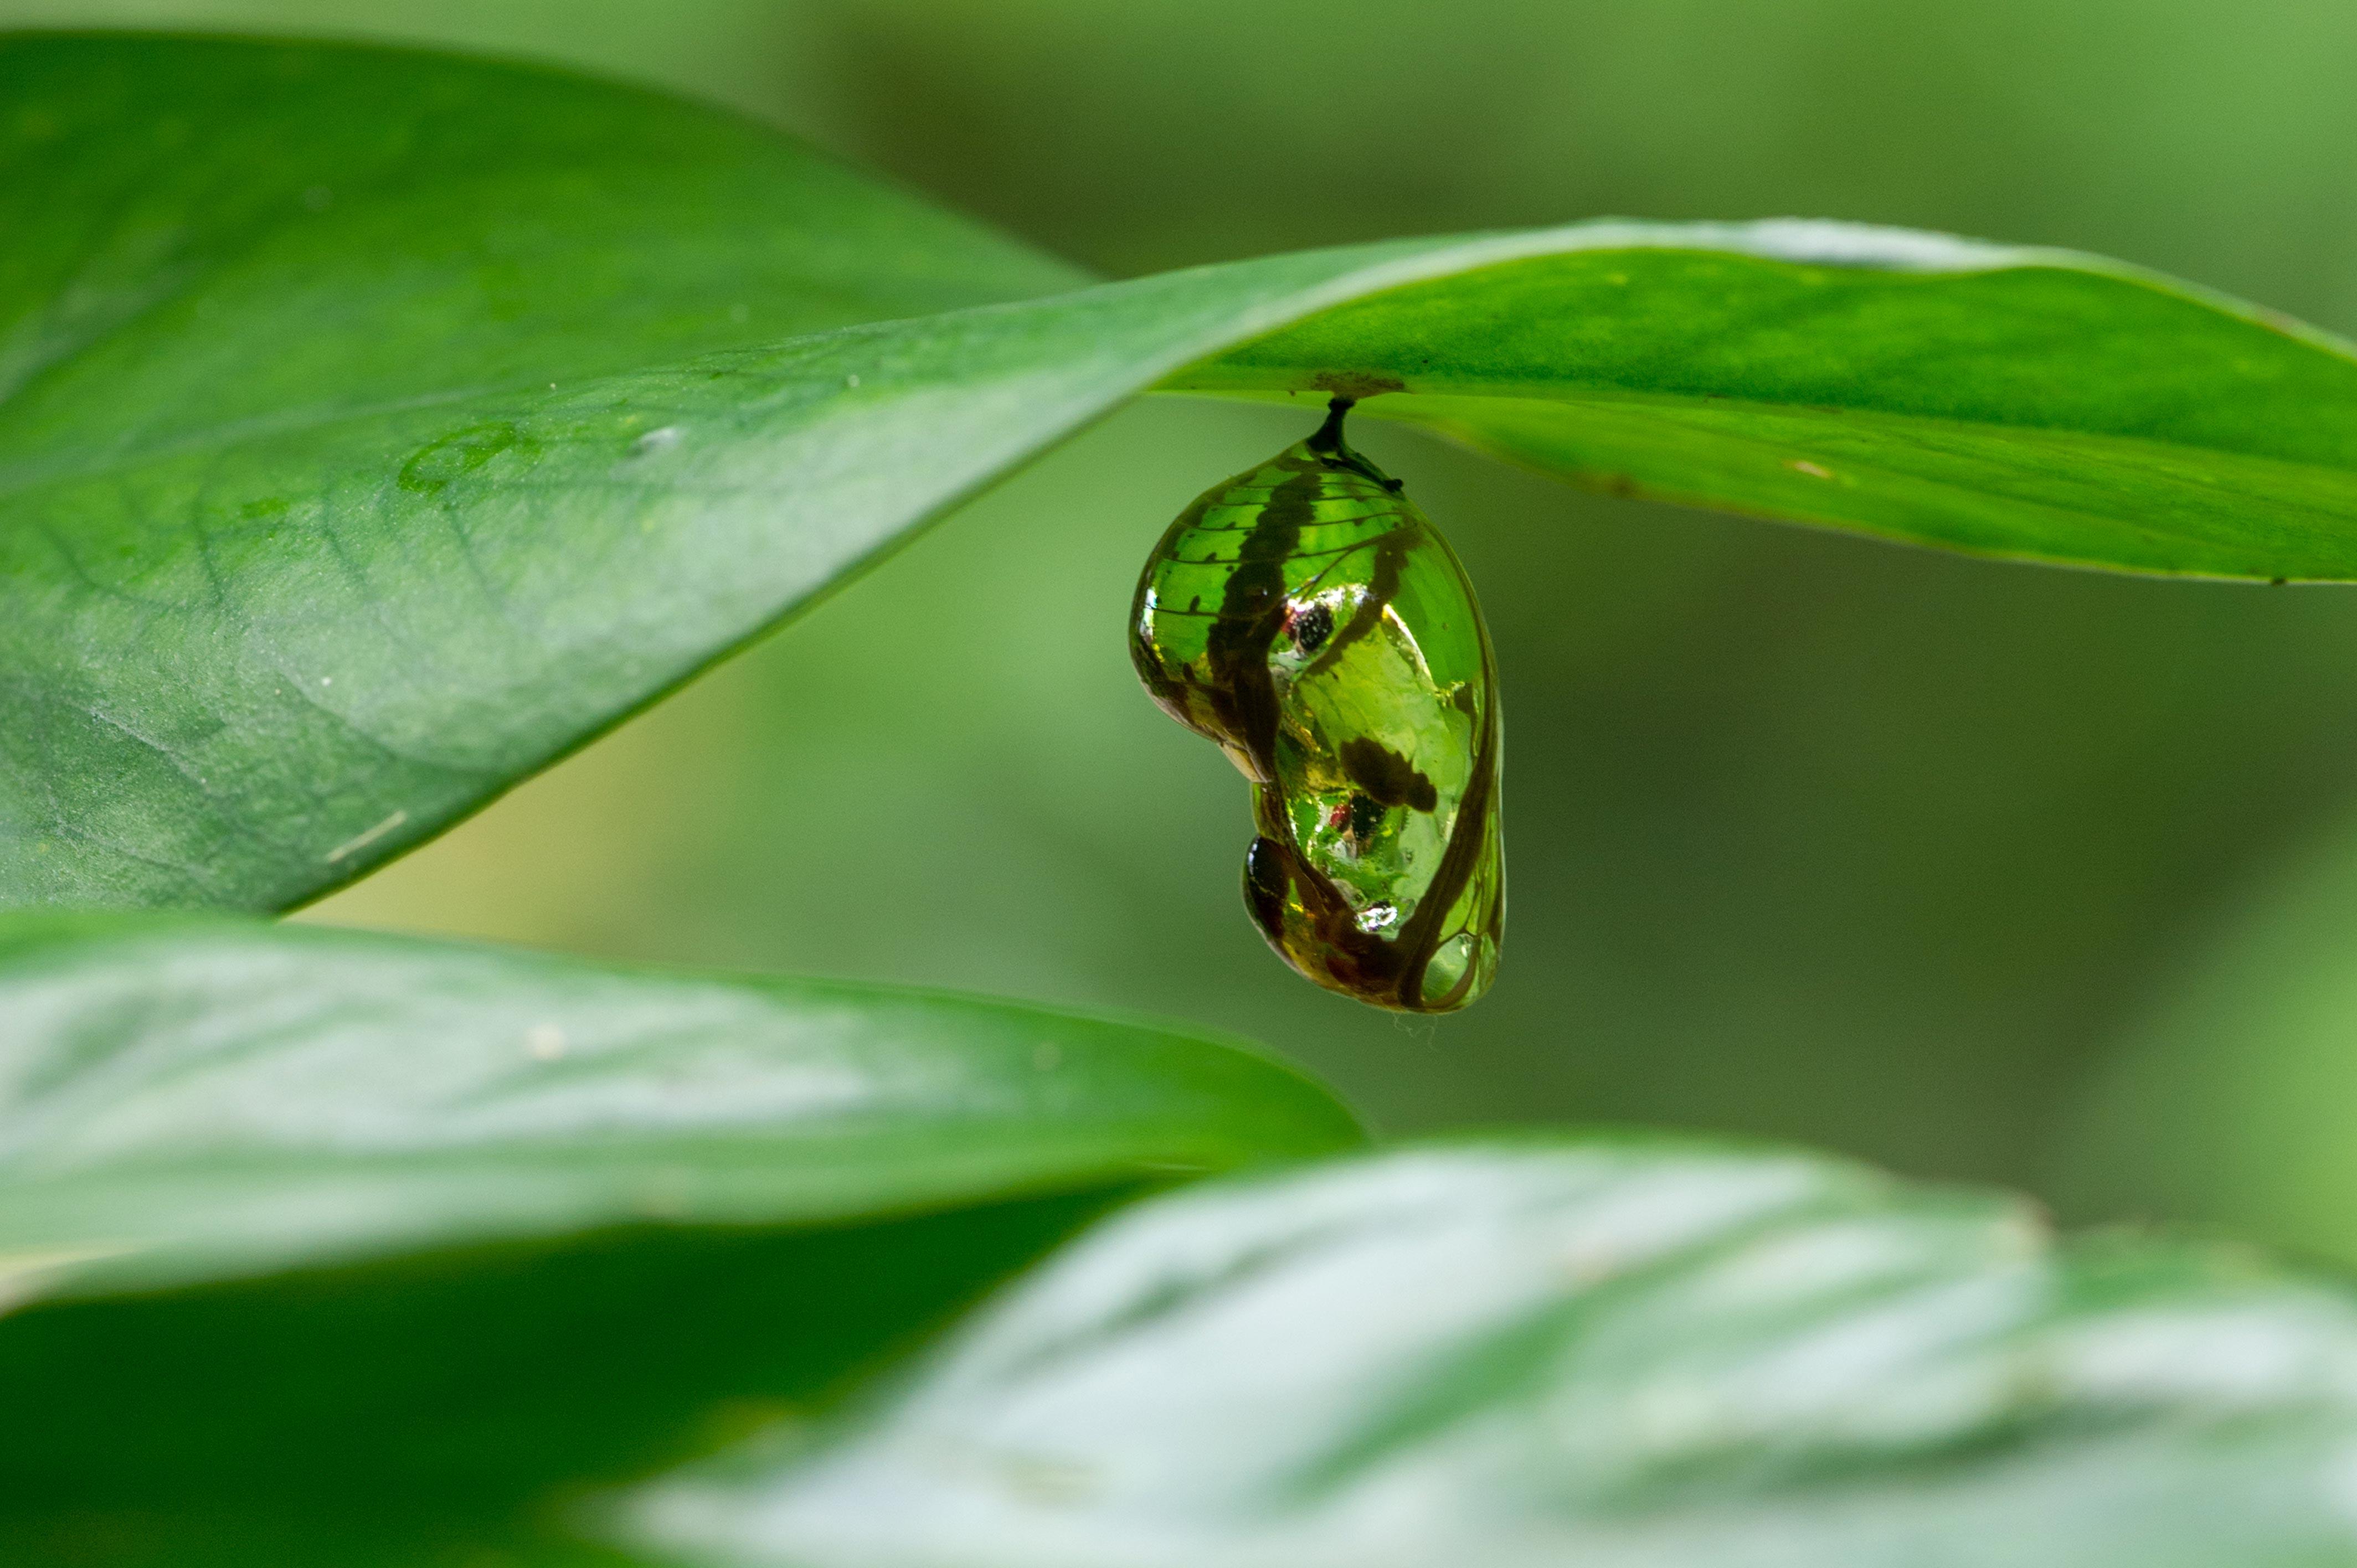 ツマムラサキマダラの蛹(サナギ)